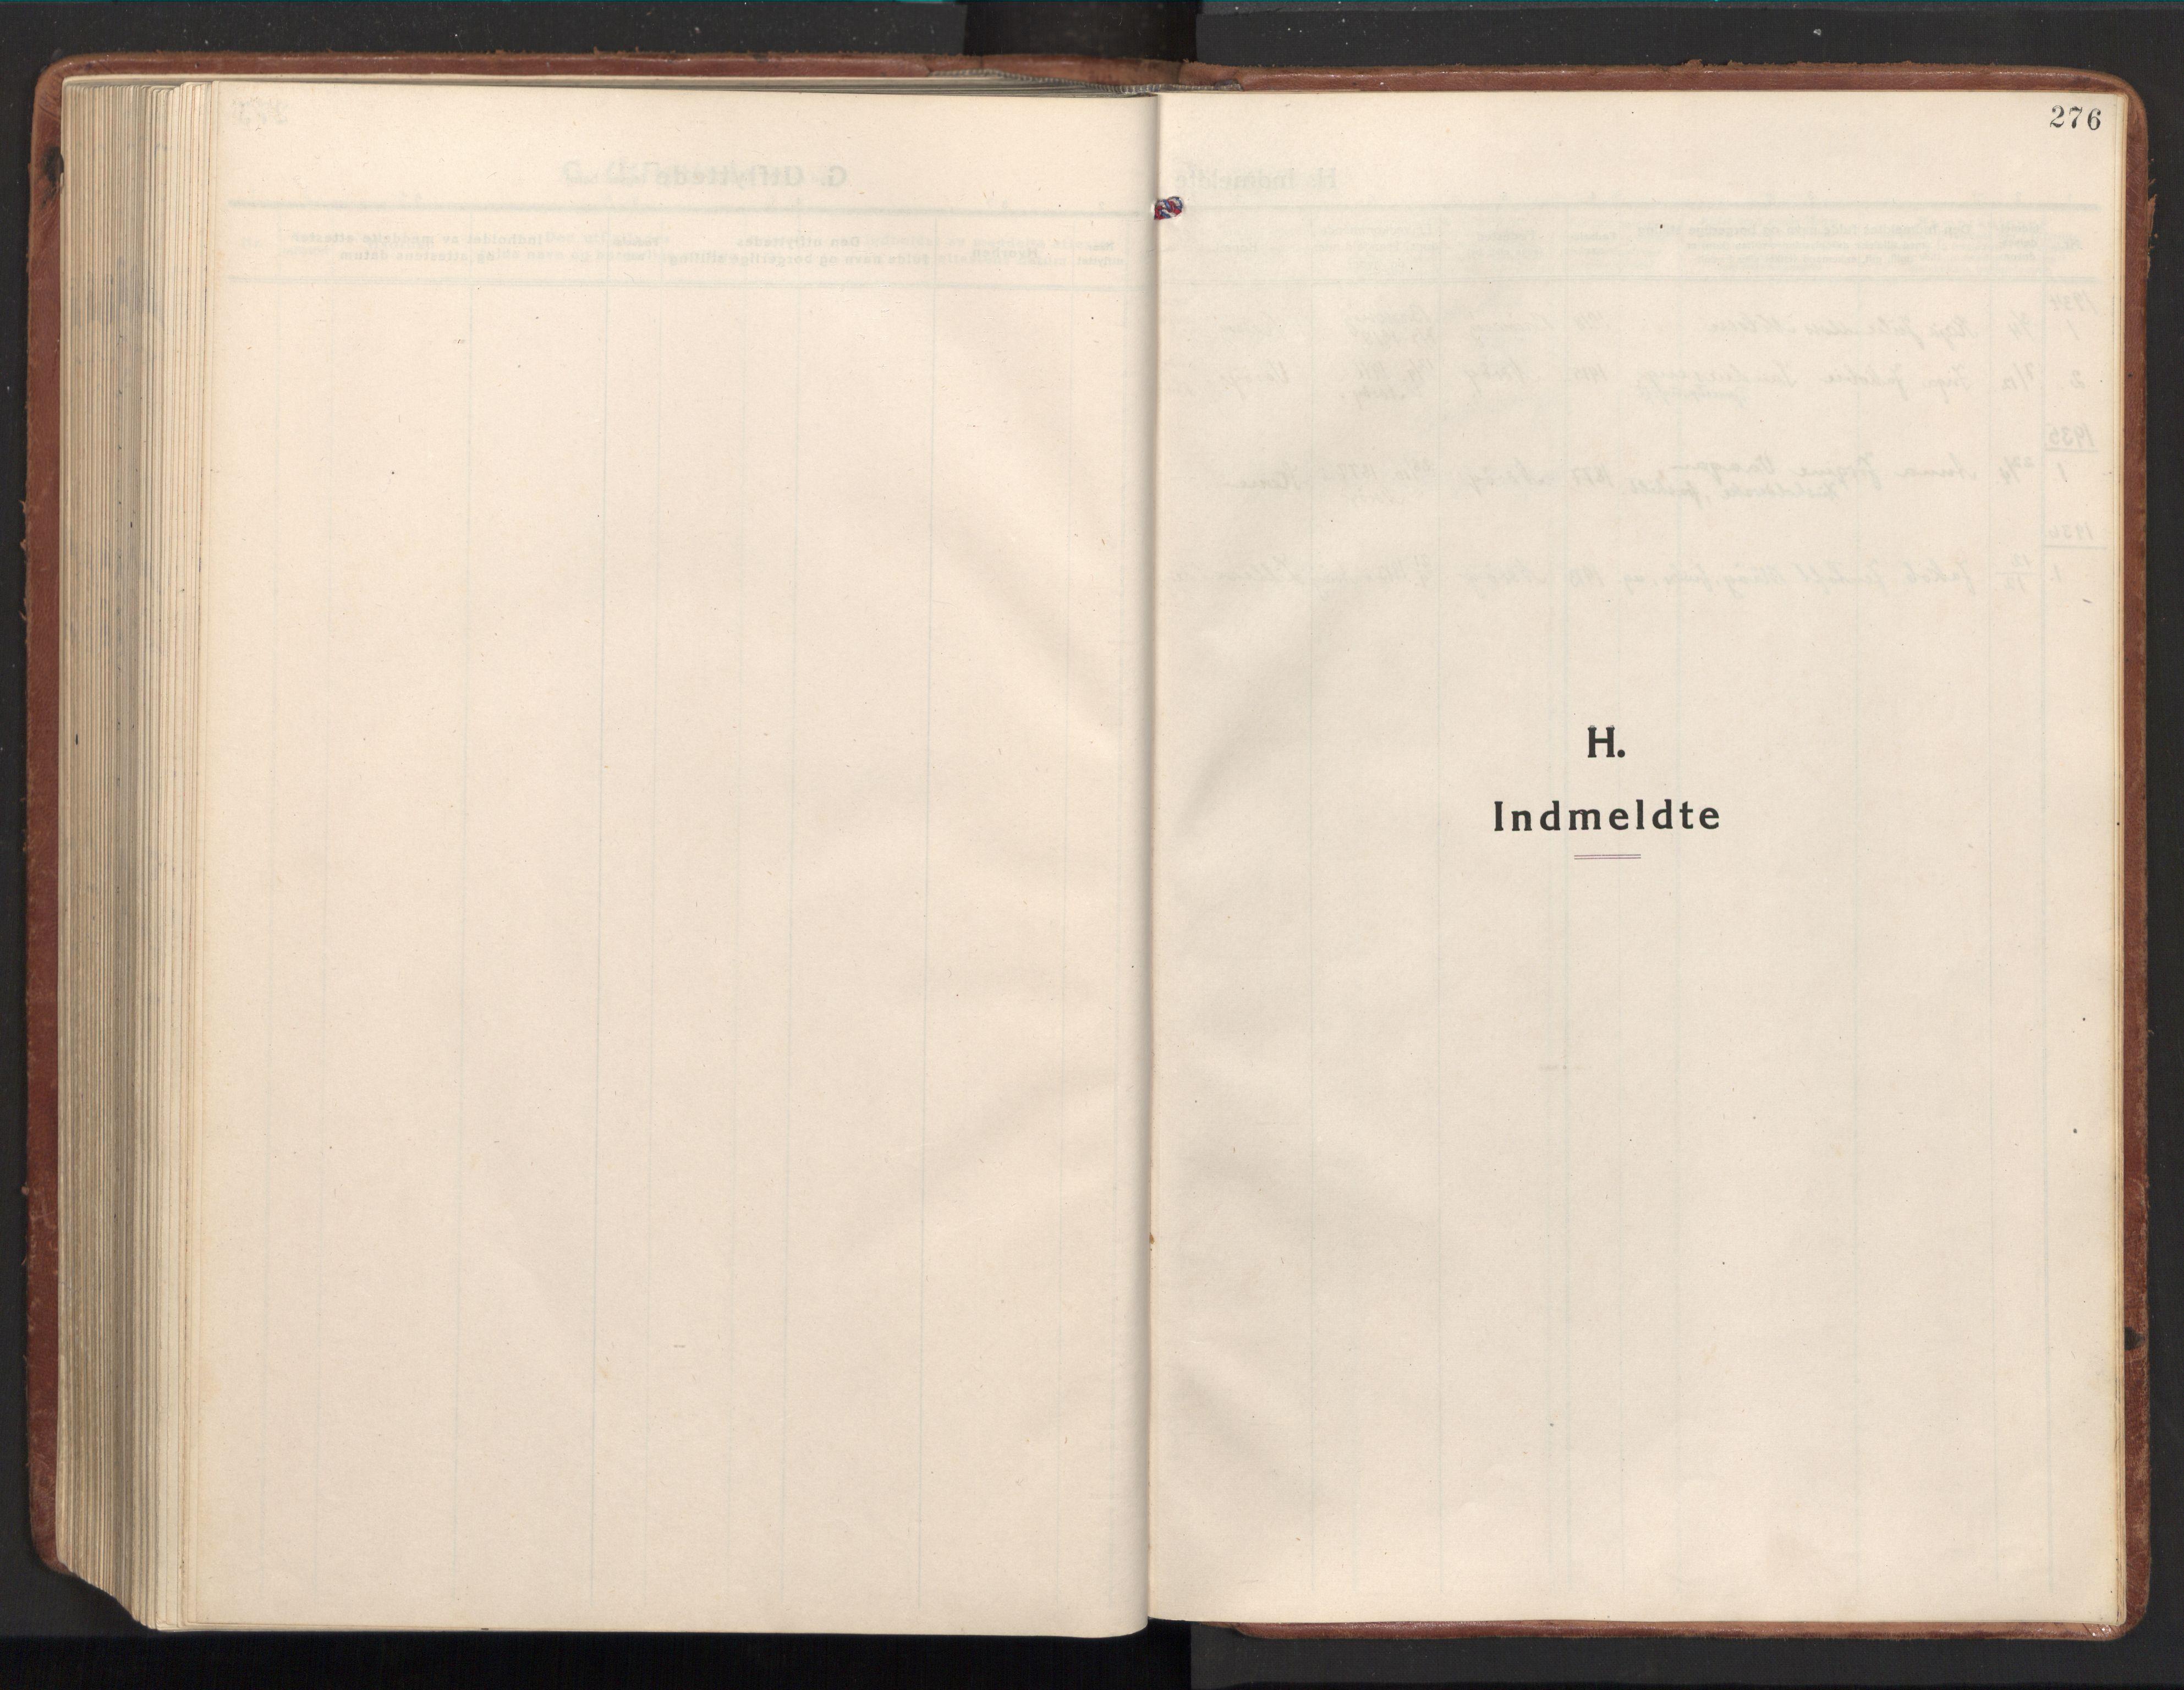 SAT, Ministerialprotokoller, klokkerbøker og fødselsregistre - Nord-Trøndelag, 784/L0678: Ministerialbok nr. 784A13, 1921-1938, s. 276